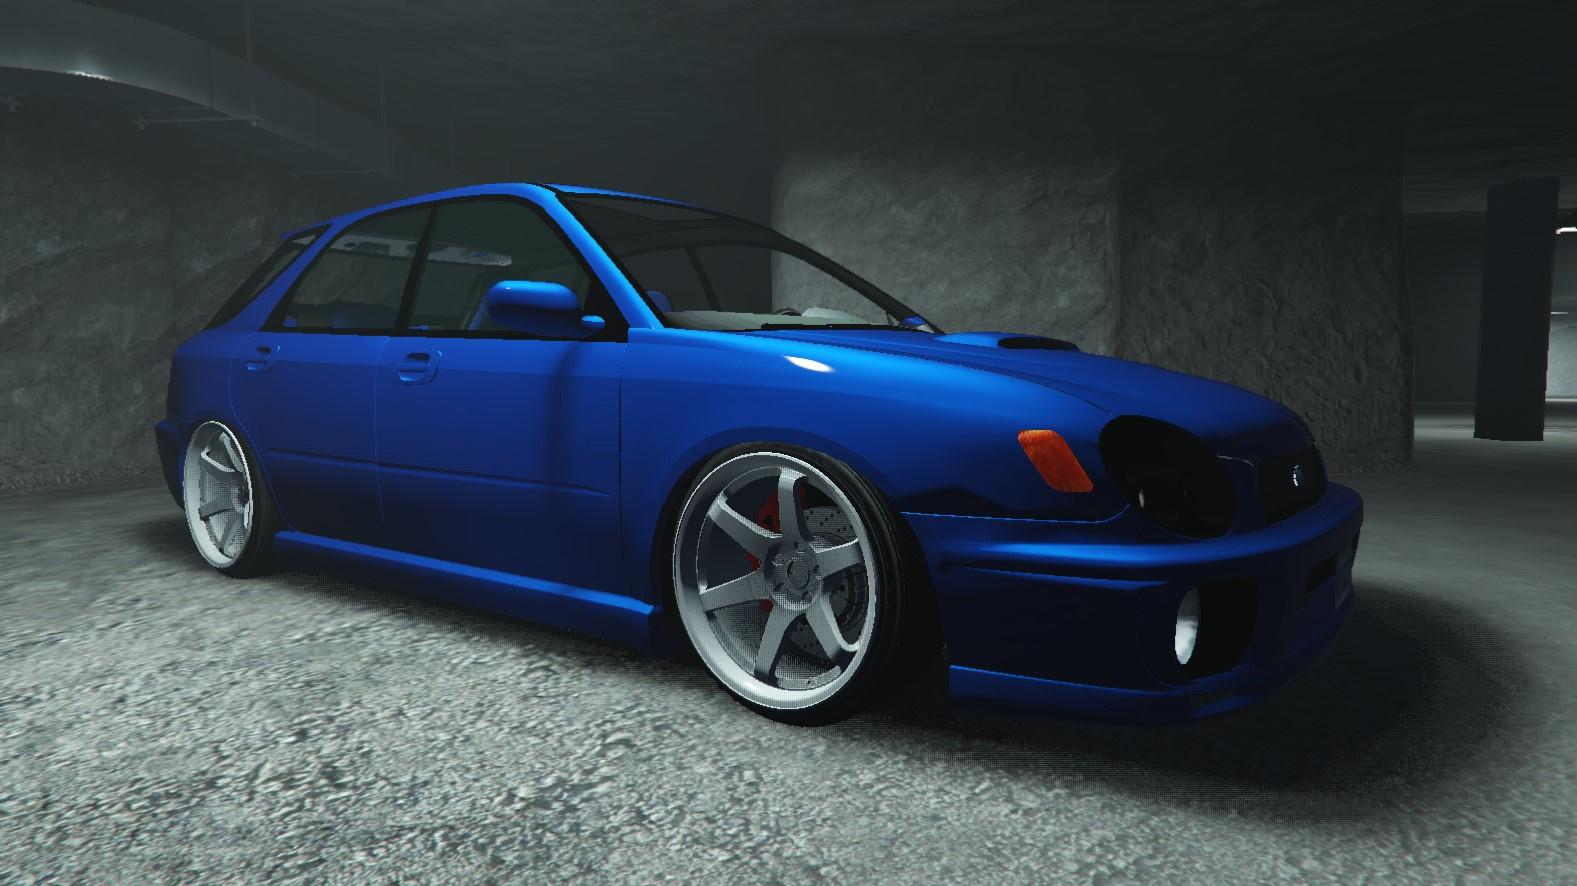 2002 Subaru Wagon Gta5 Mods Com